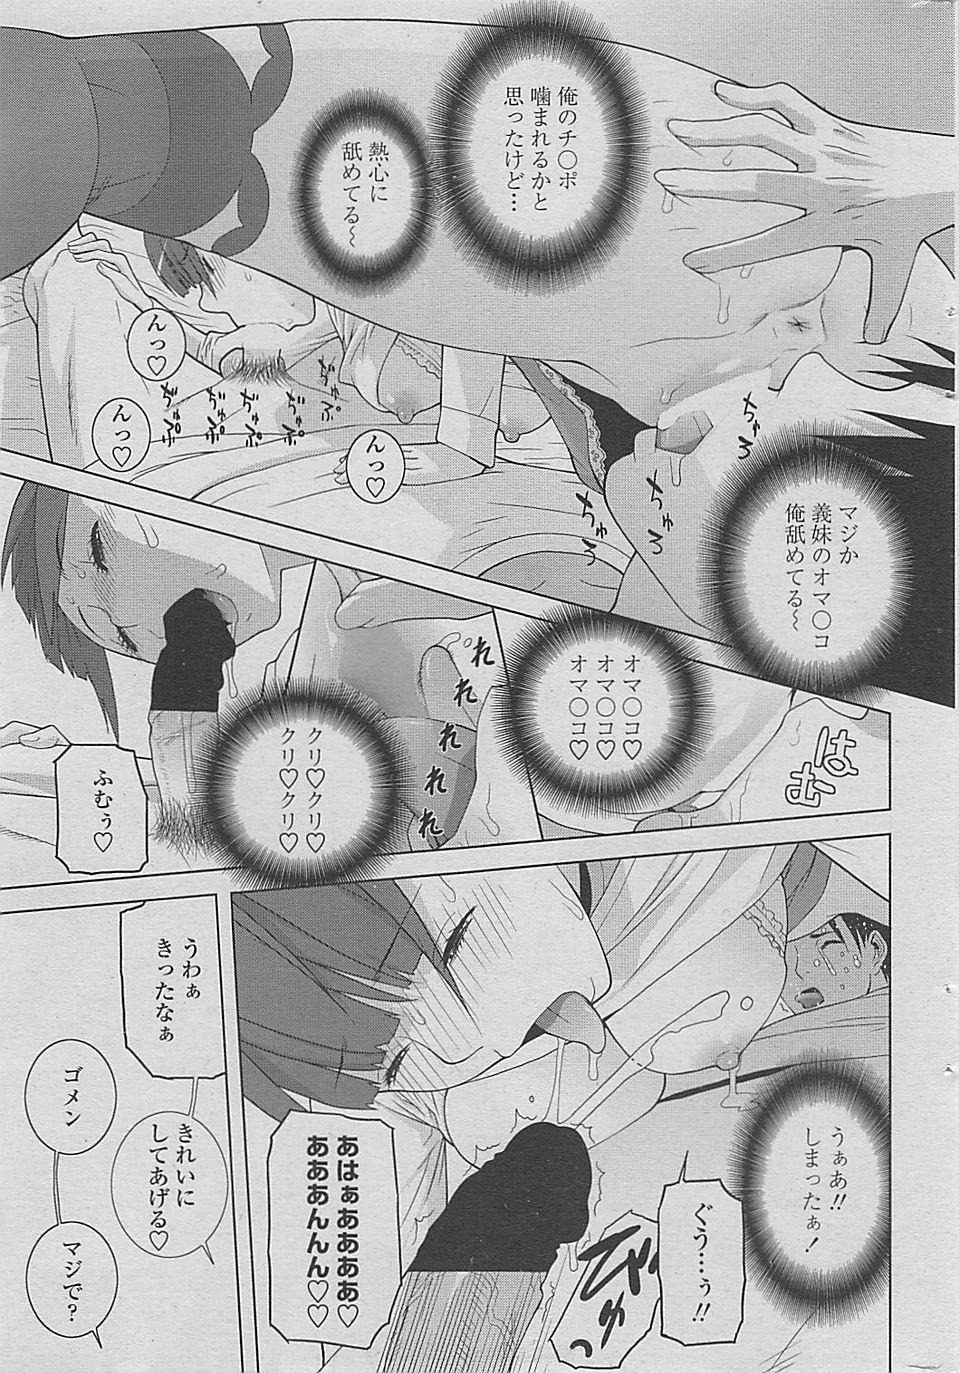 【エロ漫画・エロ同人誌】巨乳の義妹に催眠術かけてって言われたからかけてみたらかかったみたいwツンデレ全開になっちゃってセックスしちゃったwww (9)